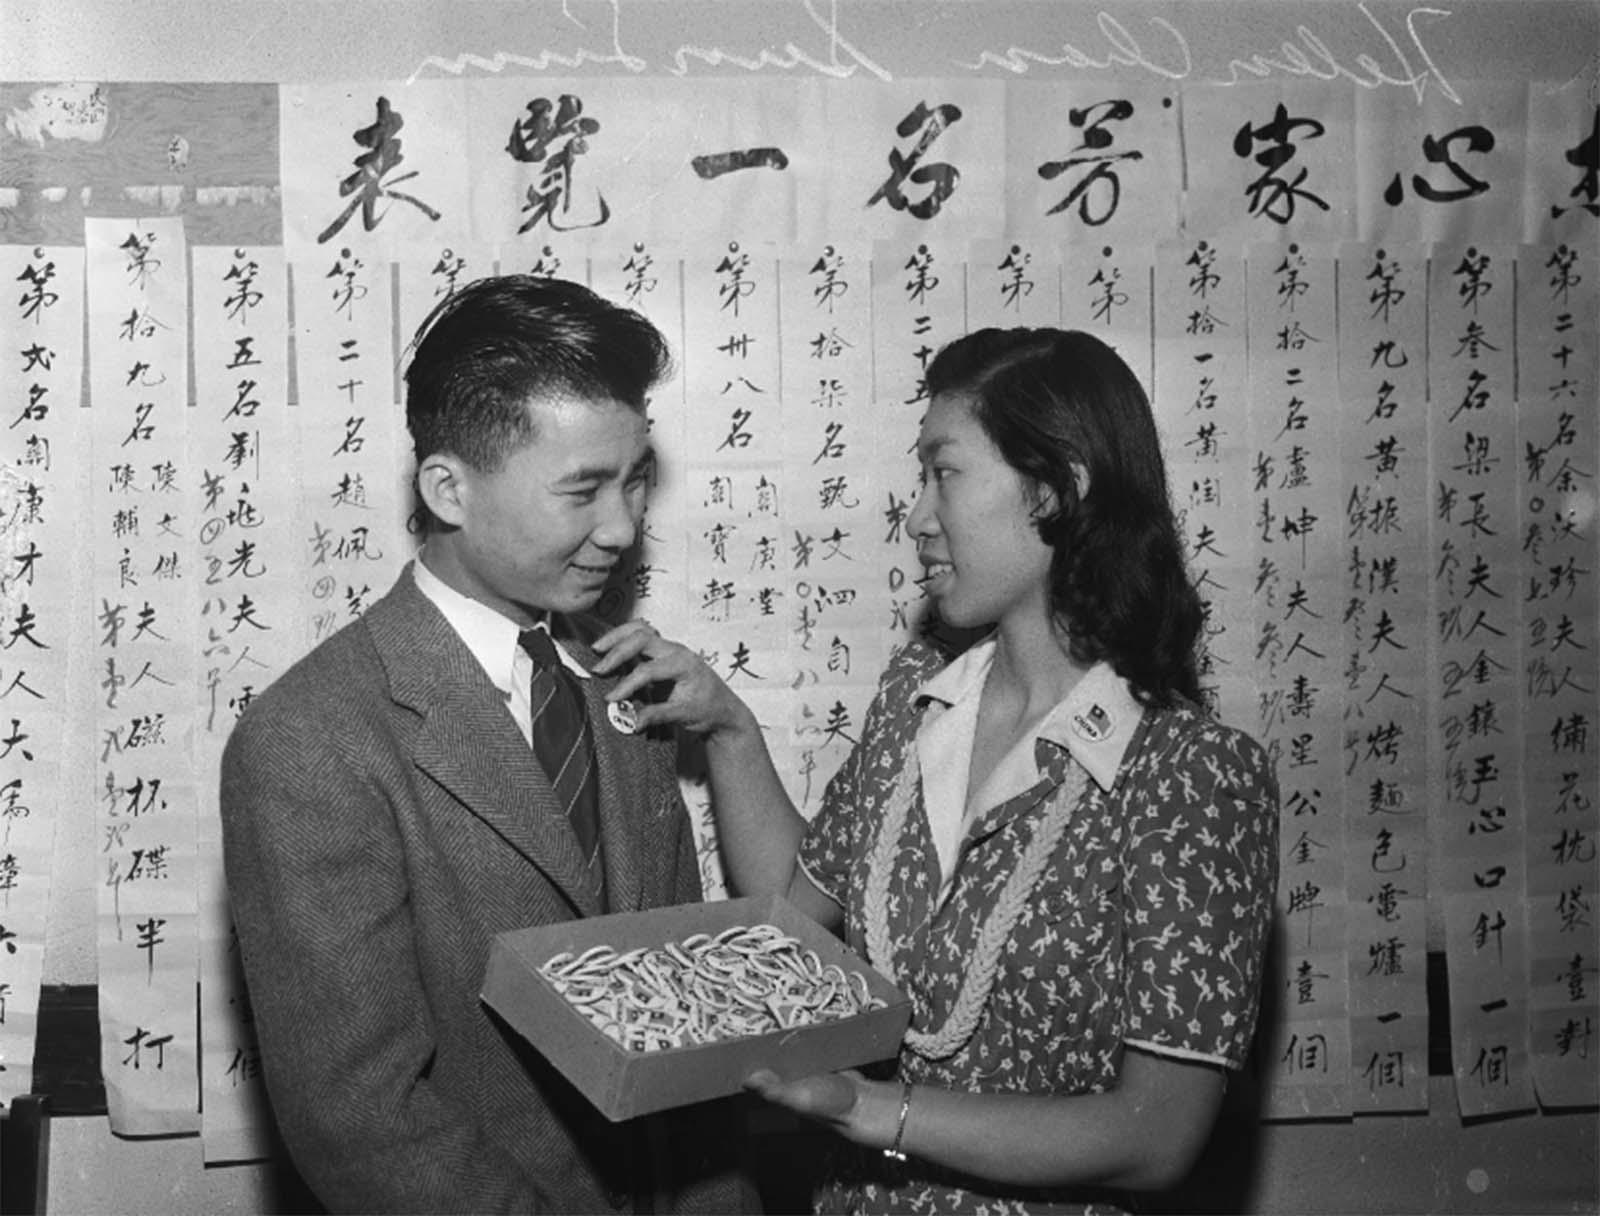 Helen Chan coloca Sun Lum com um distintivo de lapela identificando-o como